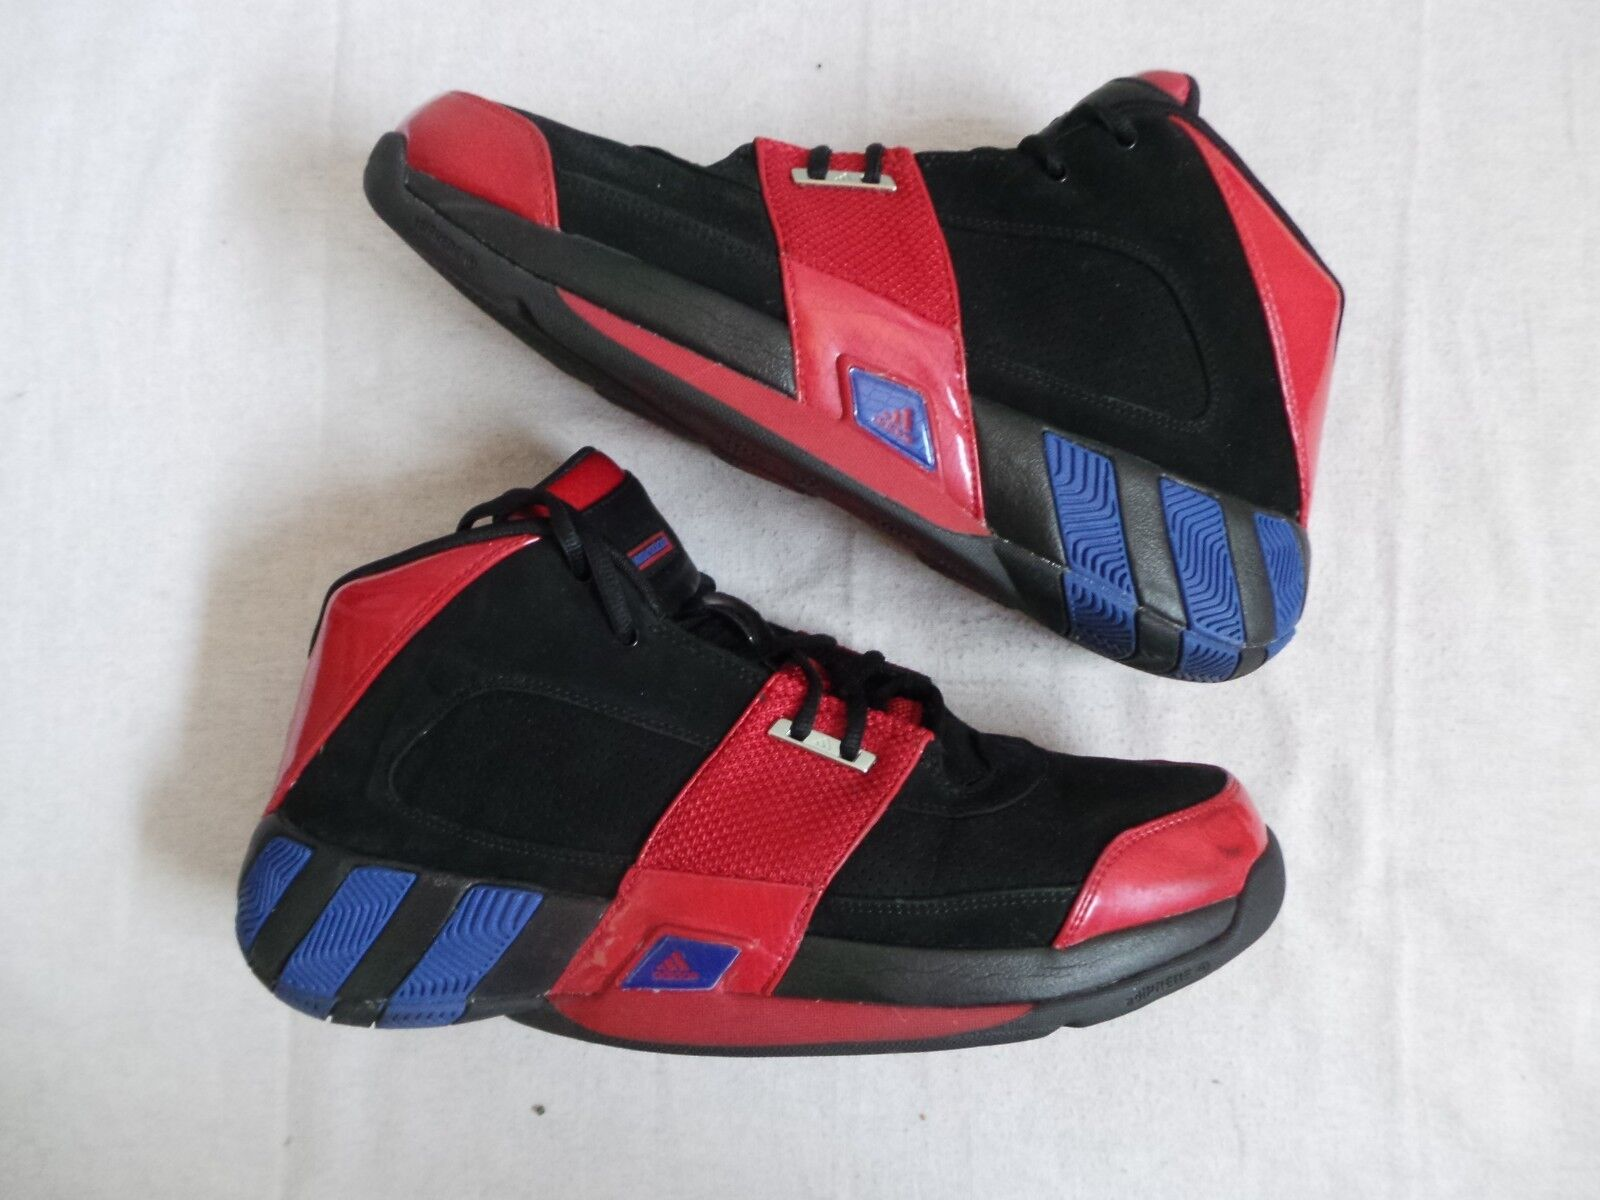 Adidas adidas - nba - pe gilbert arenas formotion jahrgang null sz 10,5 selten vnds